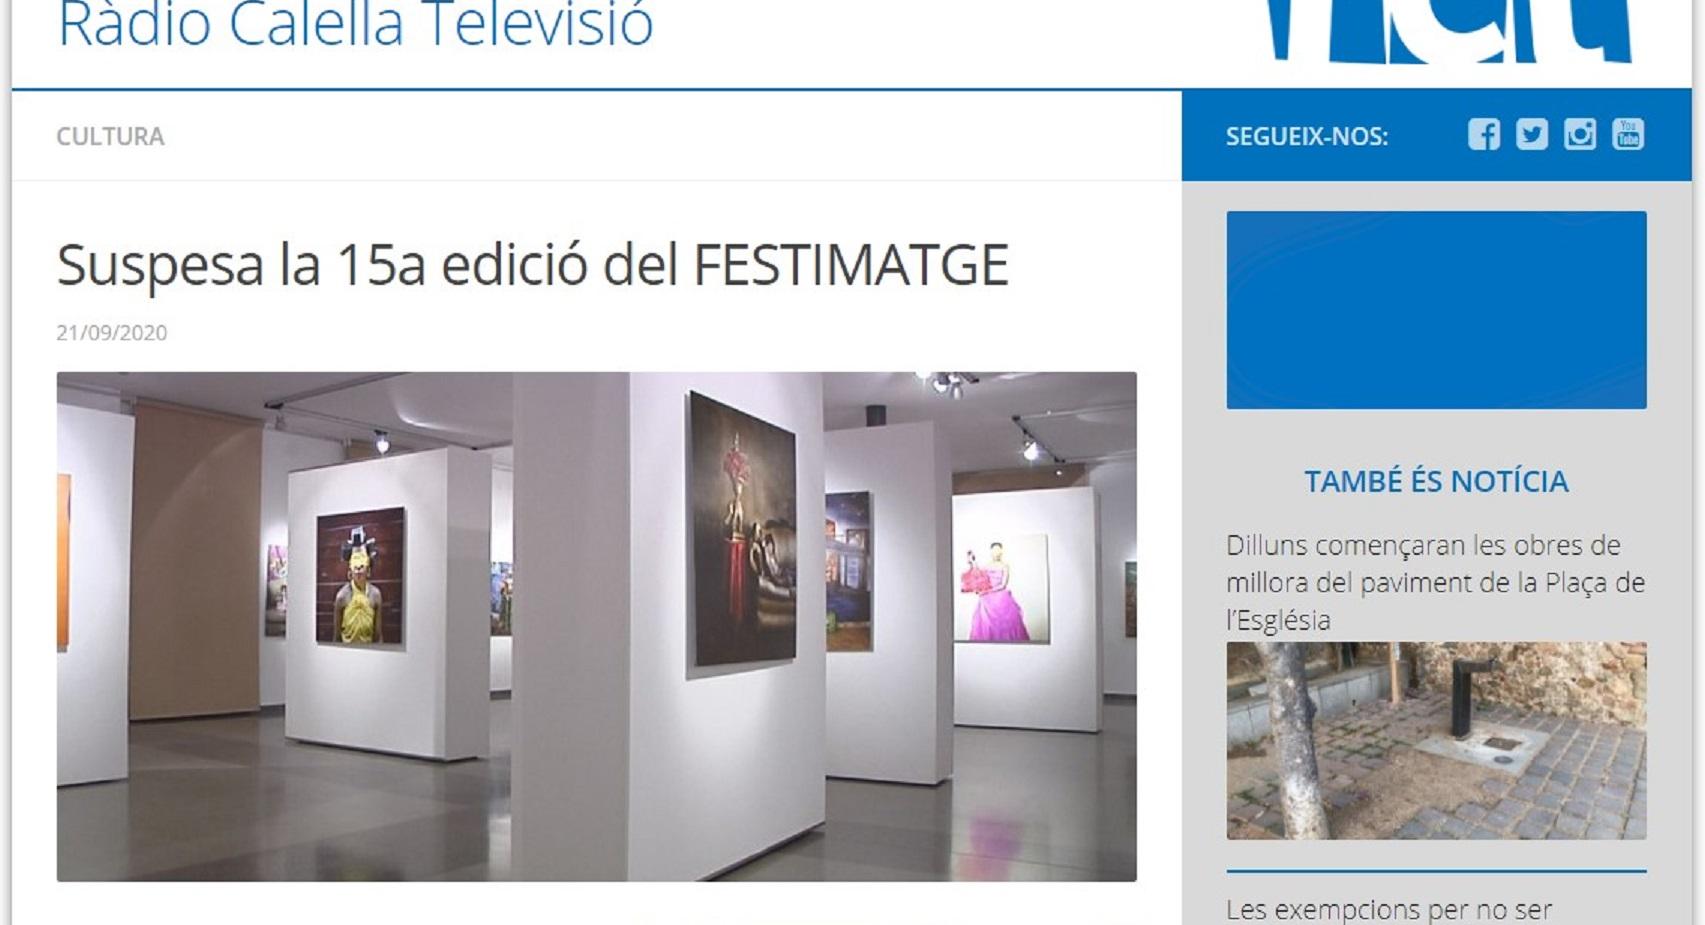 FESTIMATGE en Radio Calella TV - 22/09/2020 gabinete de prensa